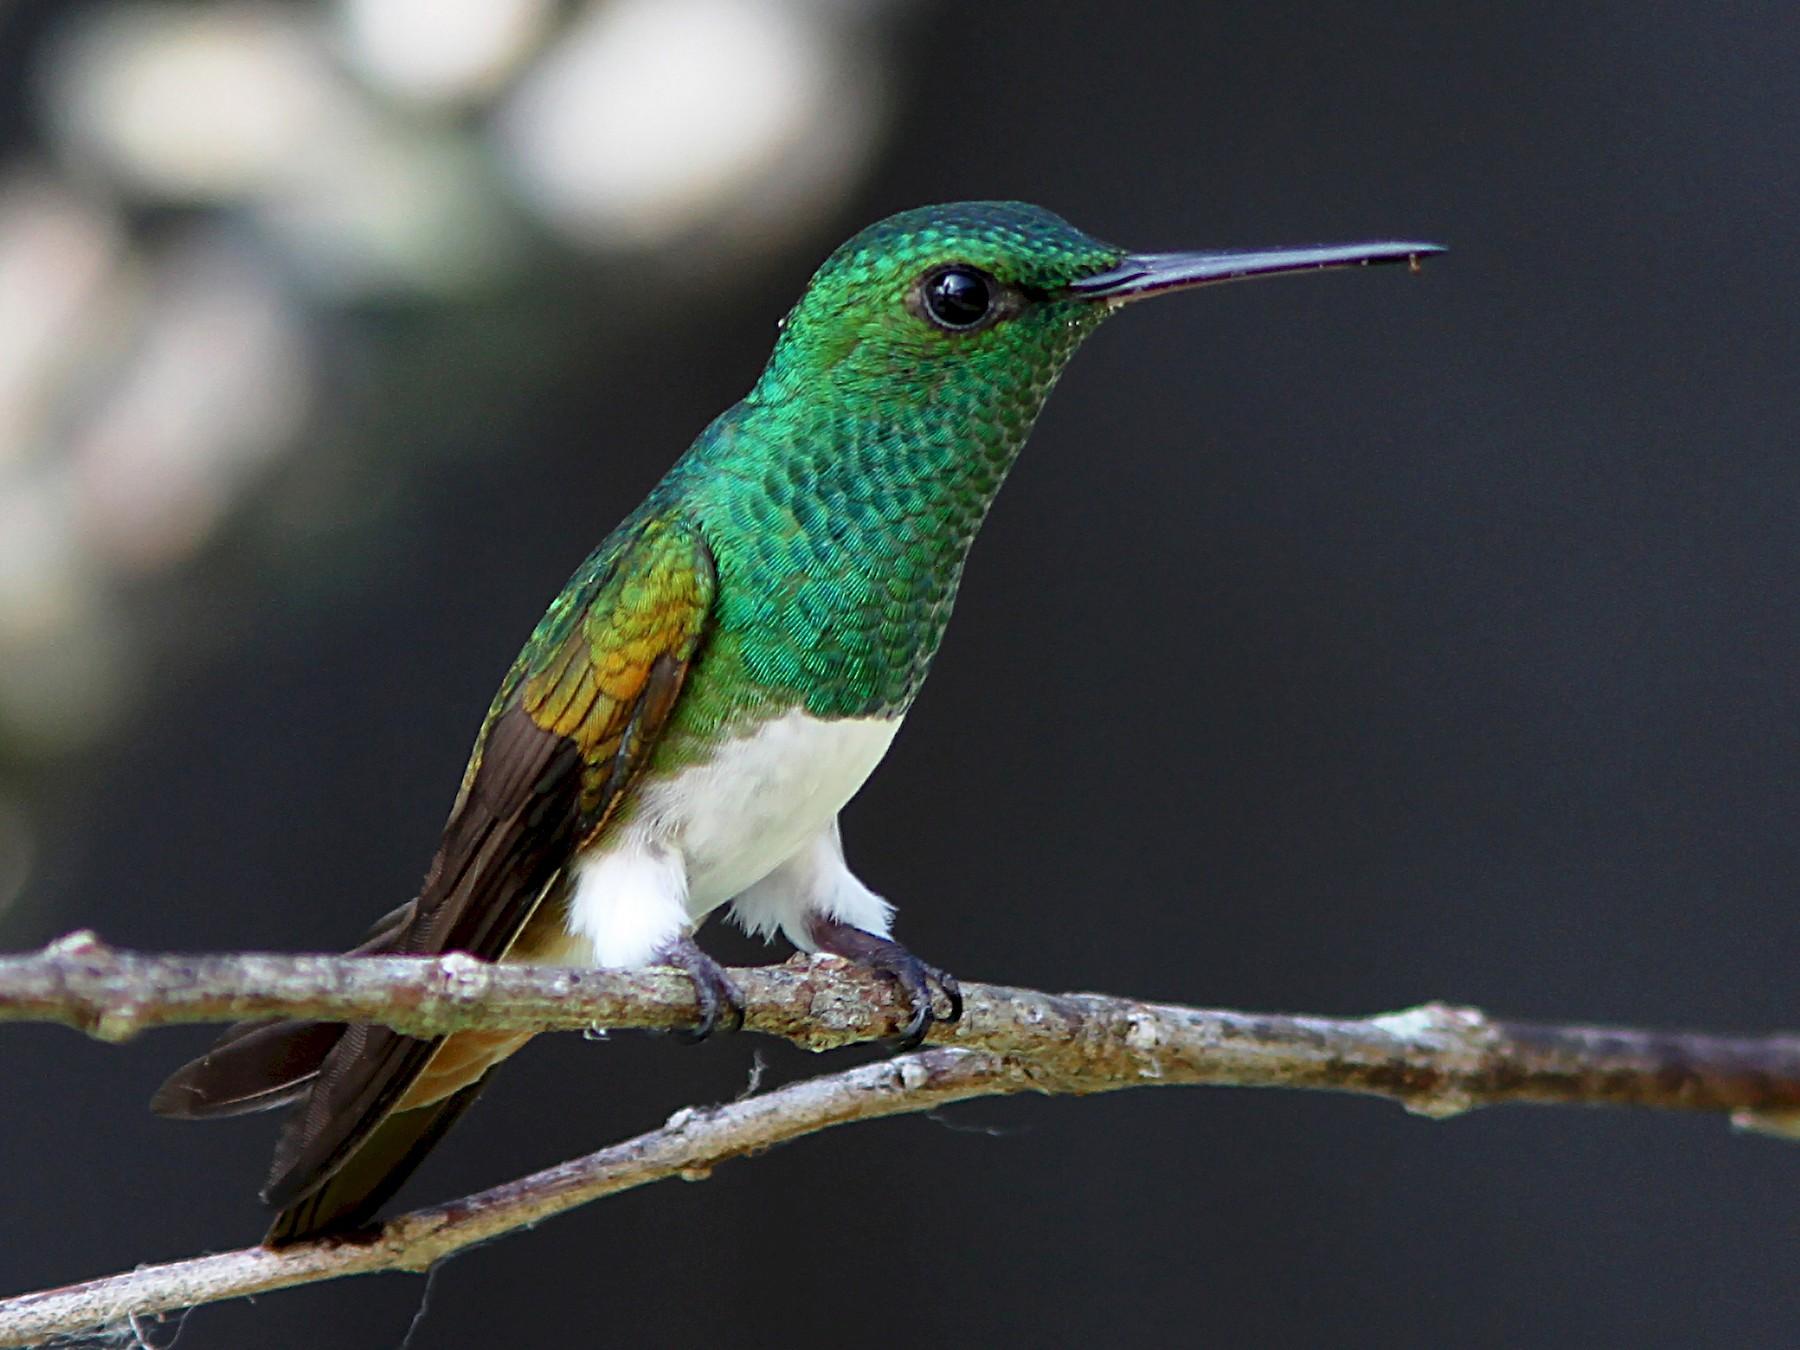 Snowy-bellied Hummingbird - Bradley Hacker